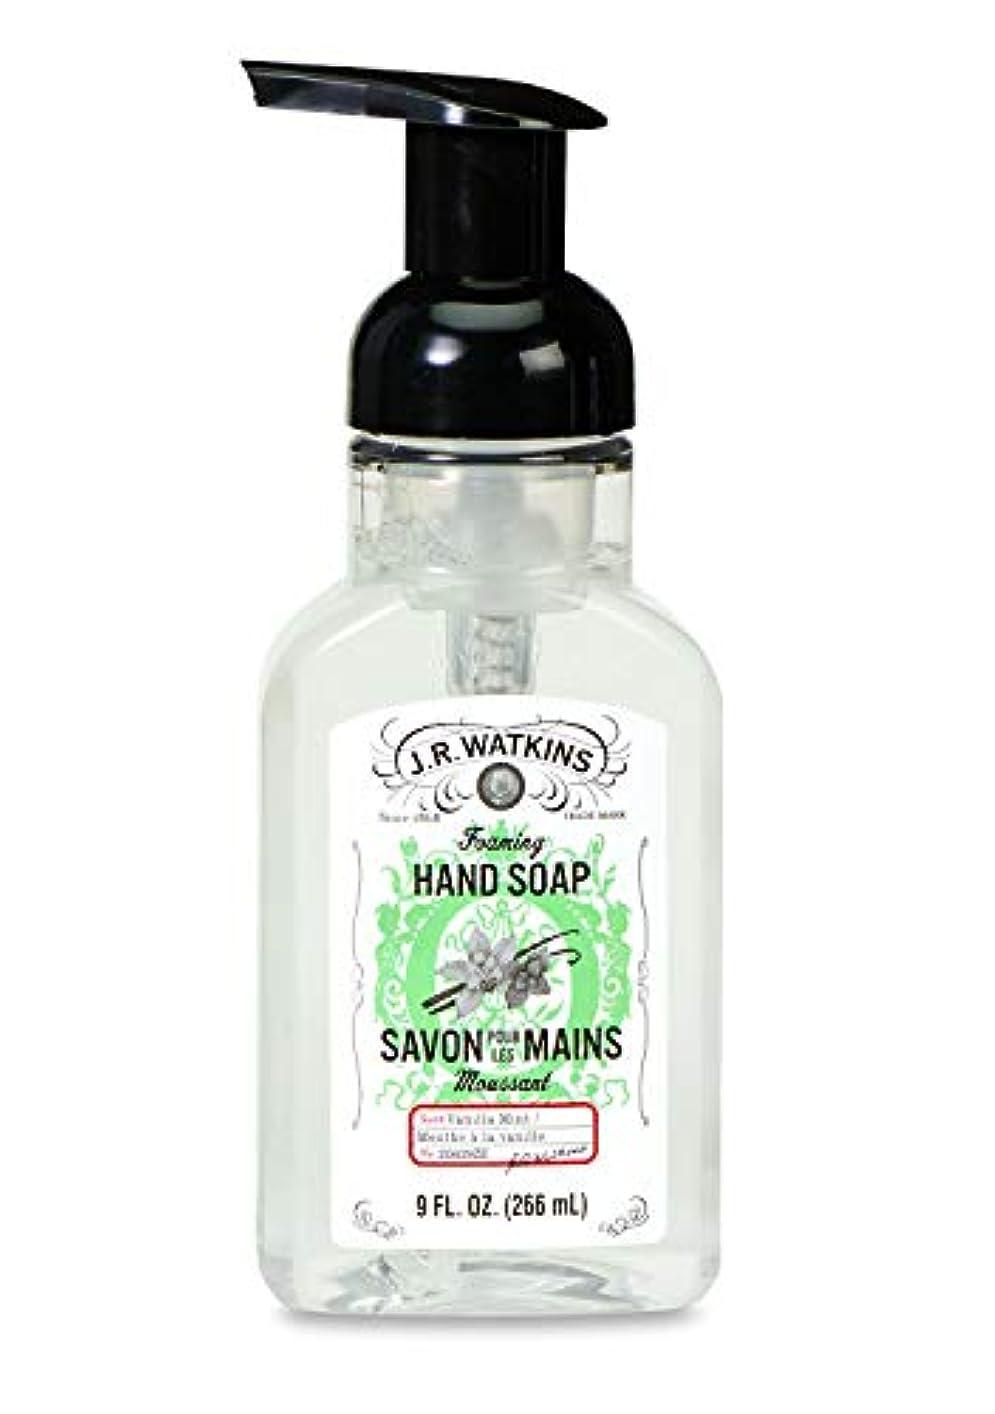 想像力いちゃつく積極的にJ.R.Watkins/フォーミングハンドソープ バニラミント 266ml リラックス 石鹸 泡石鹸 植物由来 洗浄力